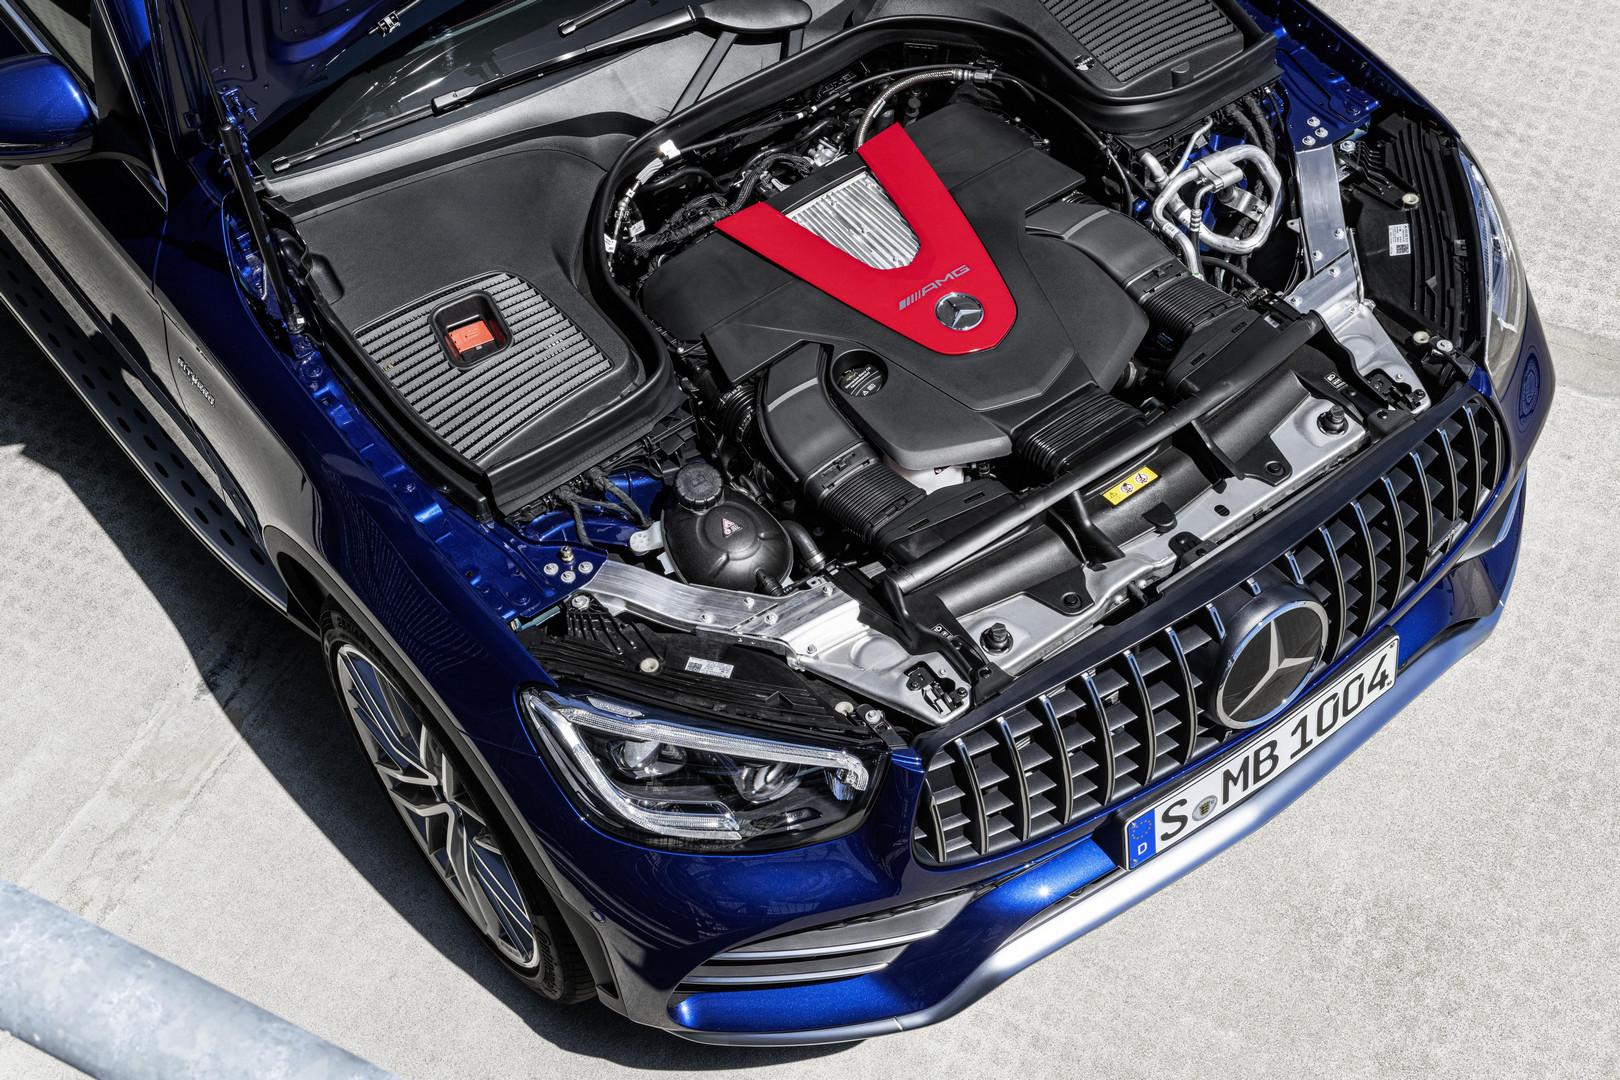 Mercedes-AMG GLC 43 SUV Engine